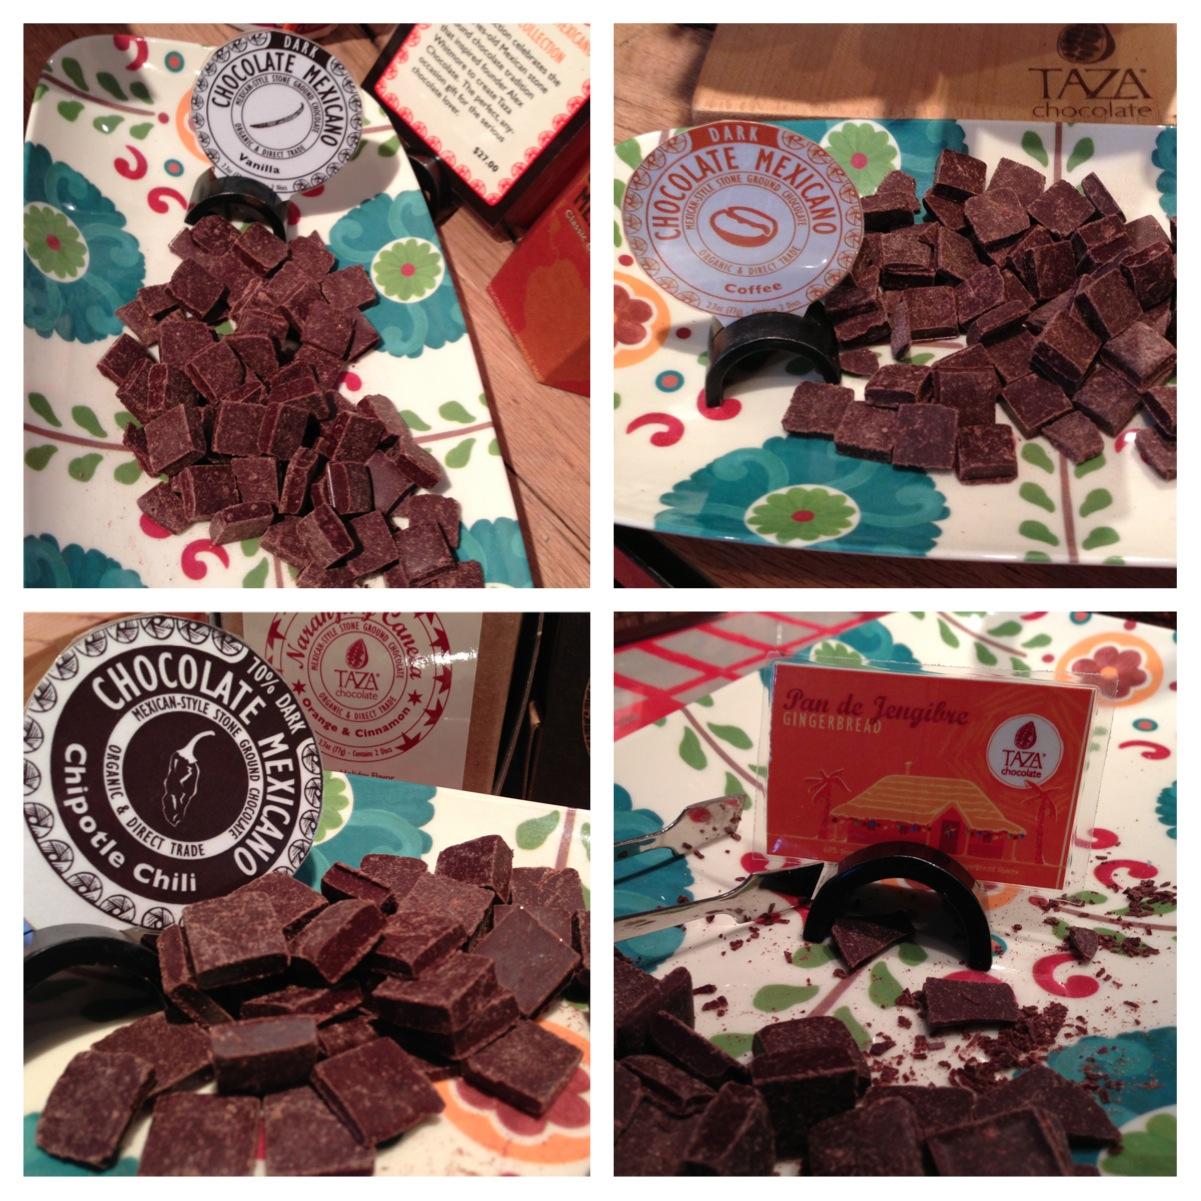 Avocado Athlete » Taza Chocolate Factory Tour